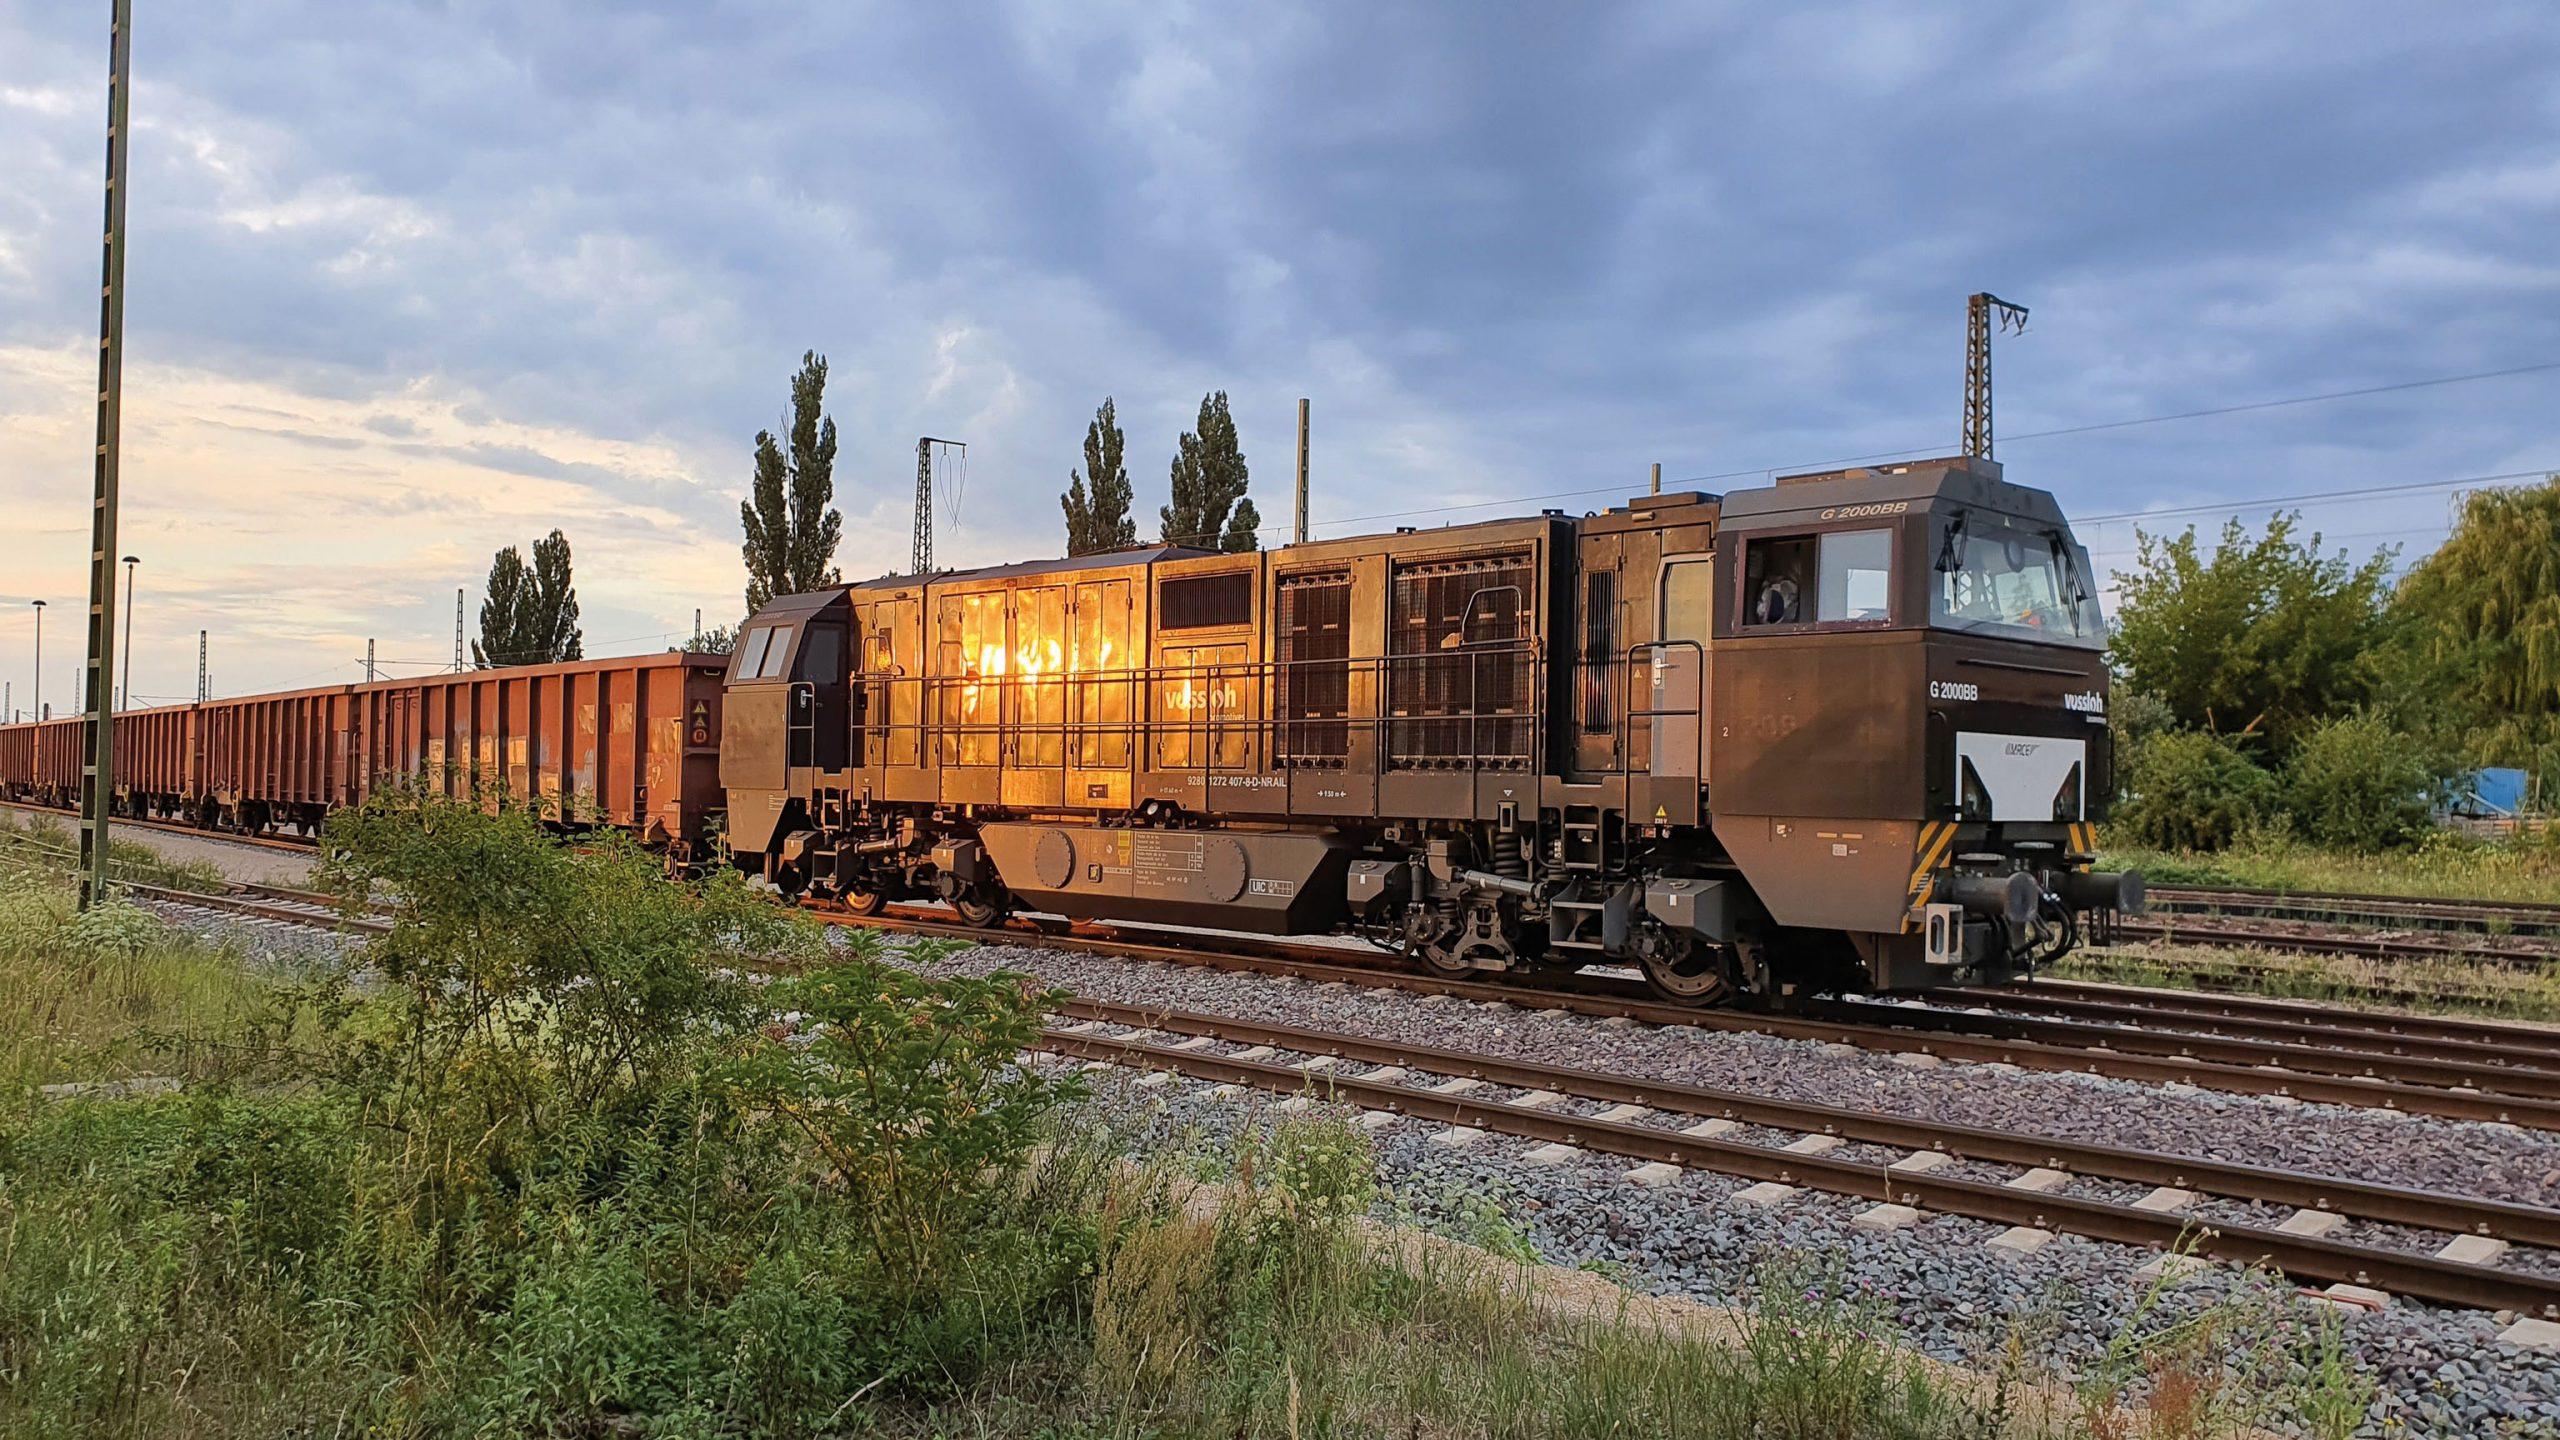 ©Foto: Marco Dobe   railmen   Die Vossloh G2000BB ist die stärkste Dieselhydraulische Lok der Vossloh Locomotives GmbH und wird von der Triangula Logistik GmbH auf der Strecke Bad Kösen-Eberswalde eingesetzt.